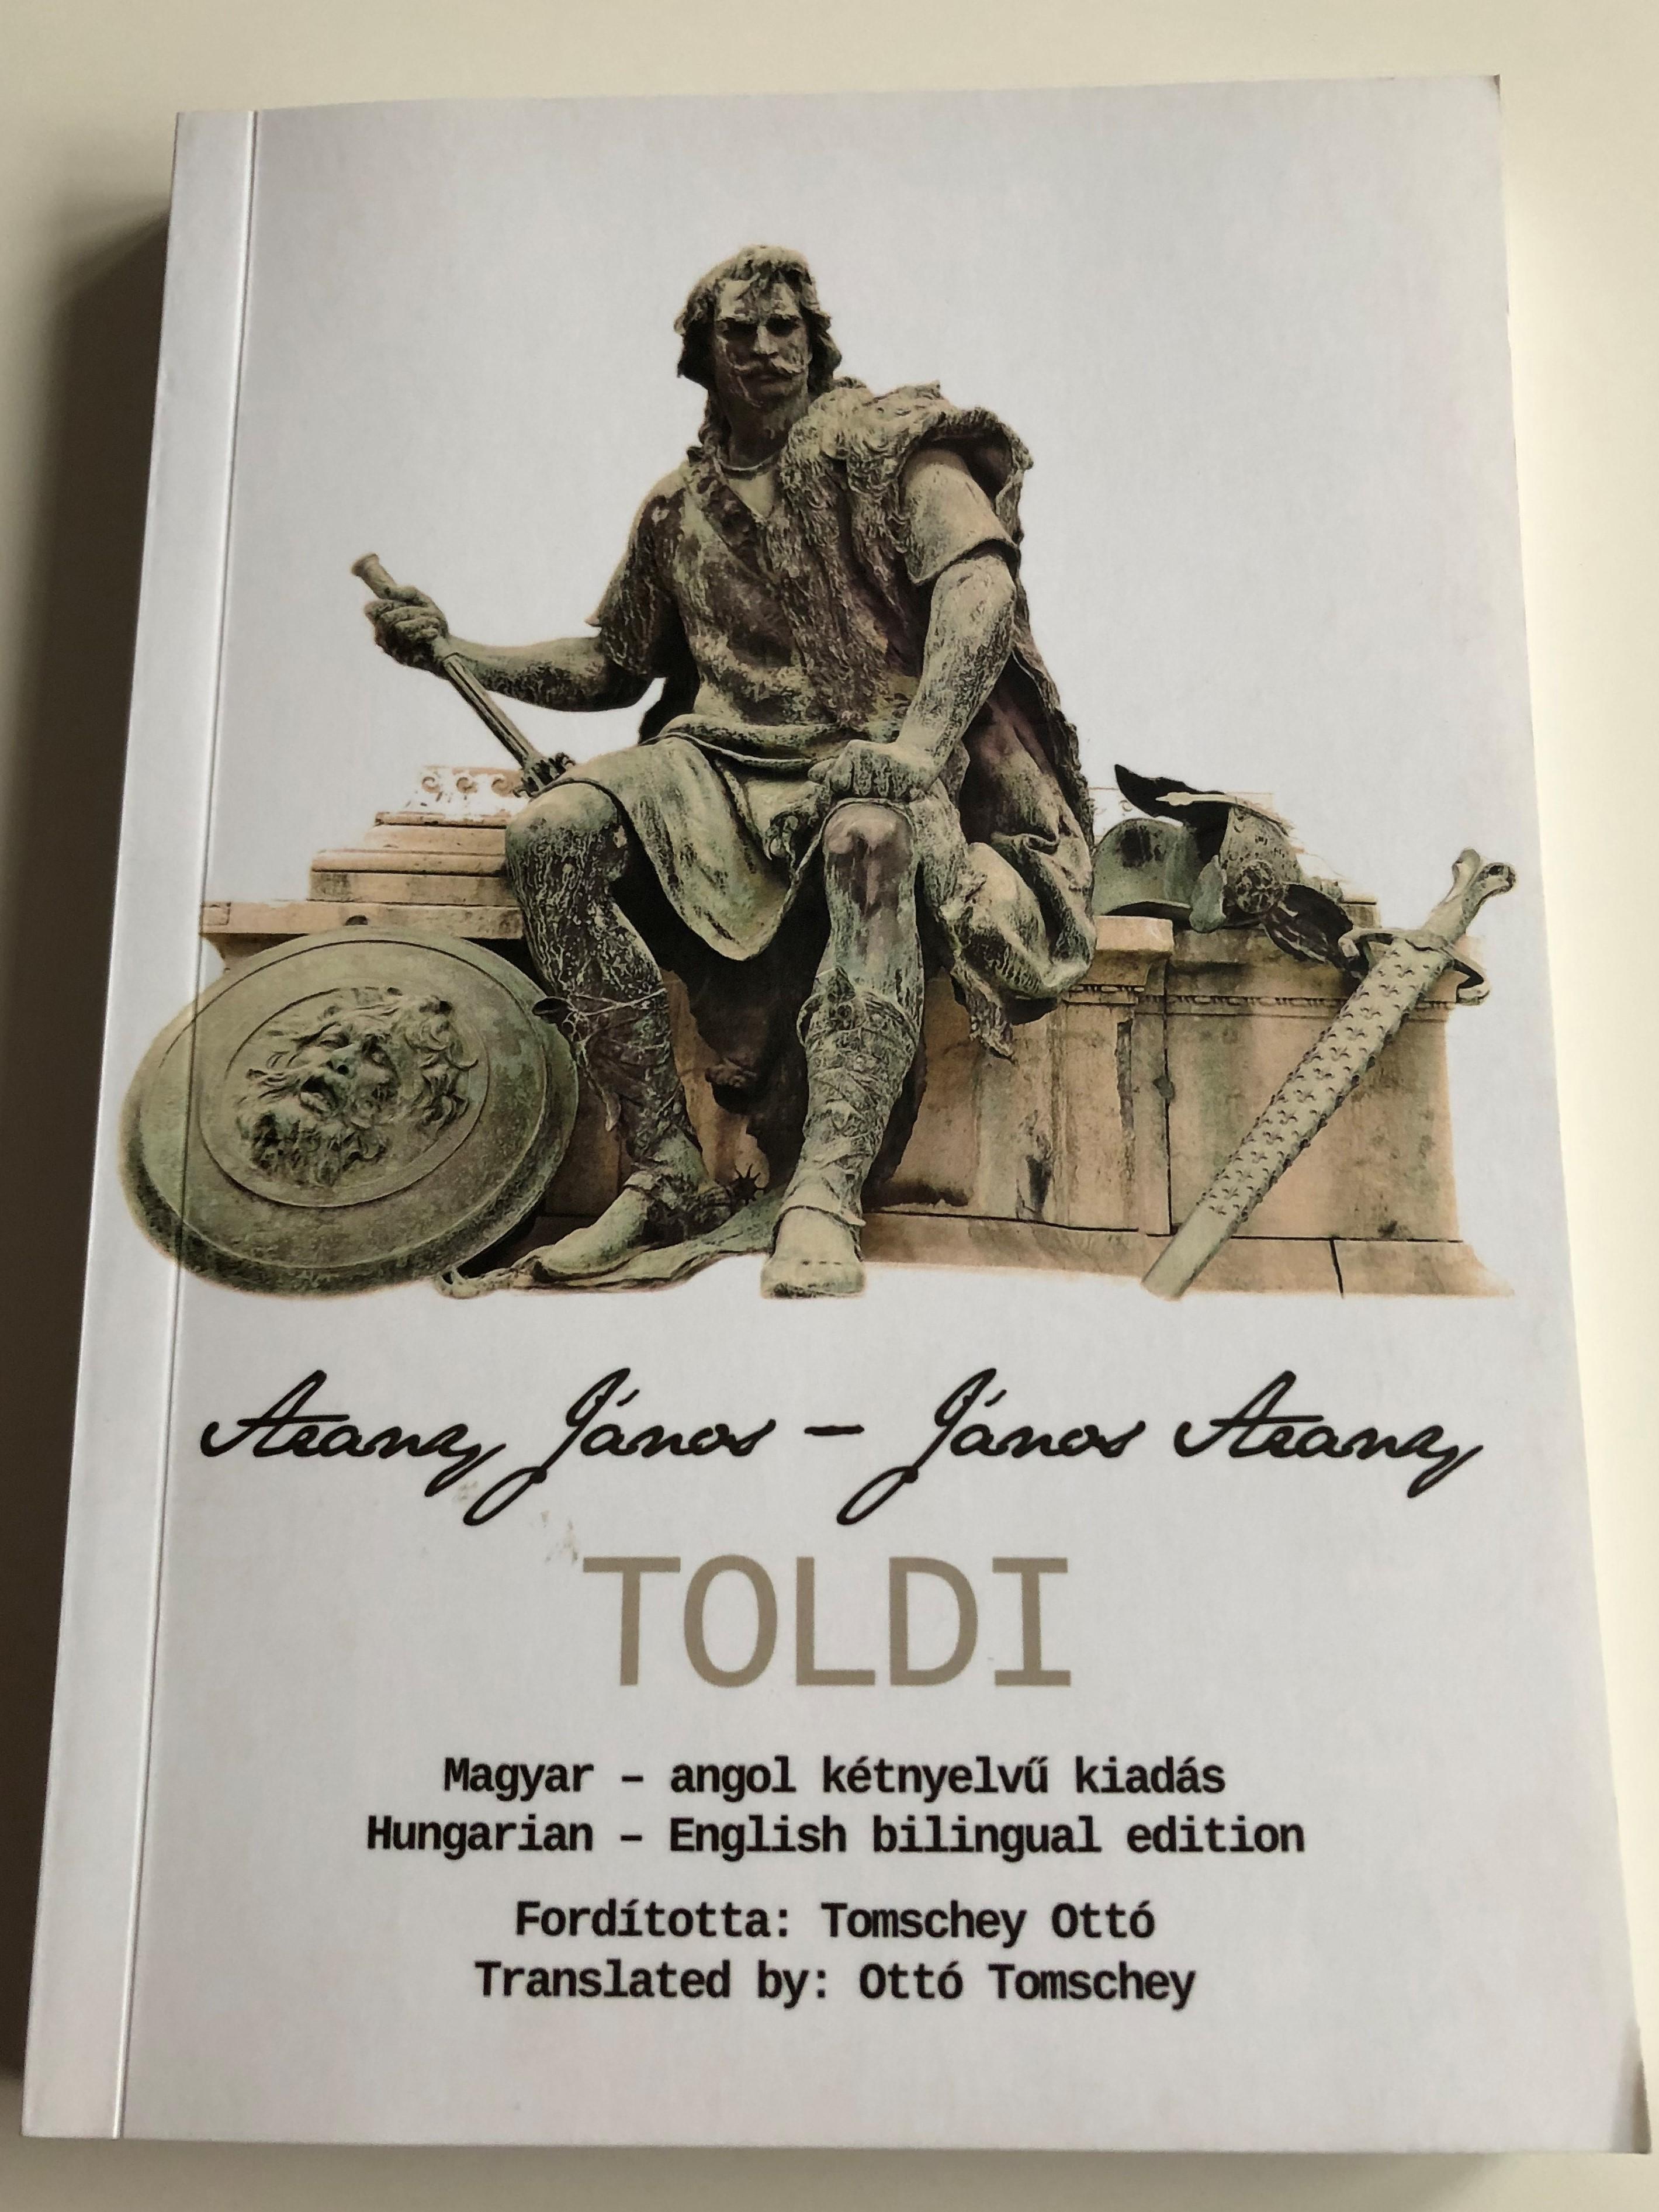 arany-janos-toldi-bilingual-hungarian-english-edition-1.jpg